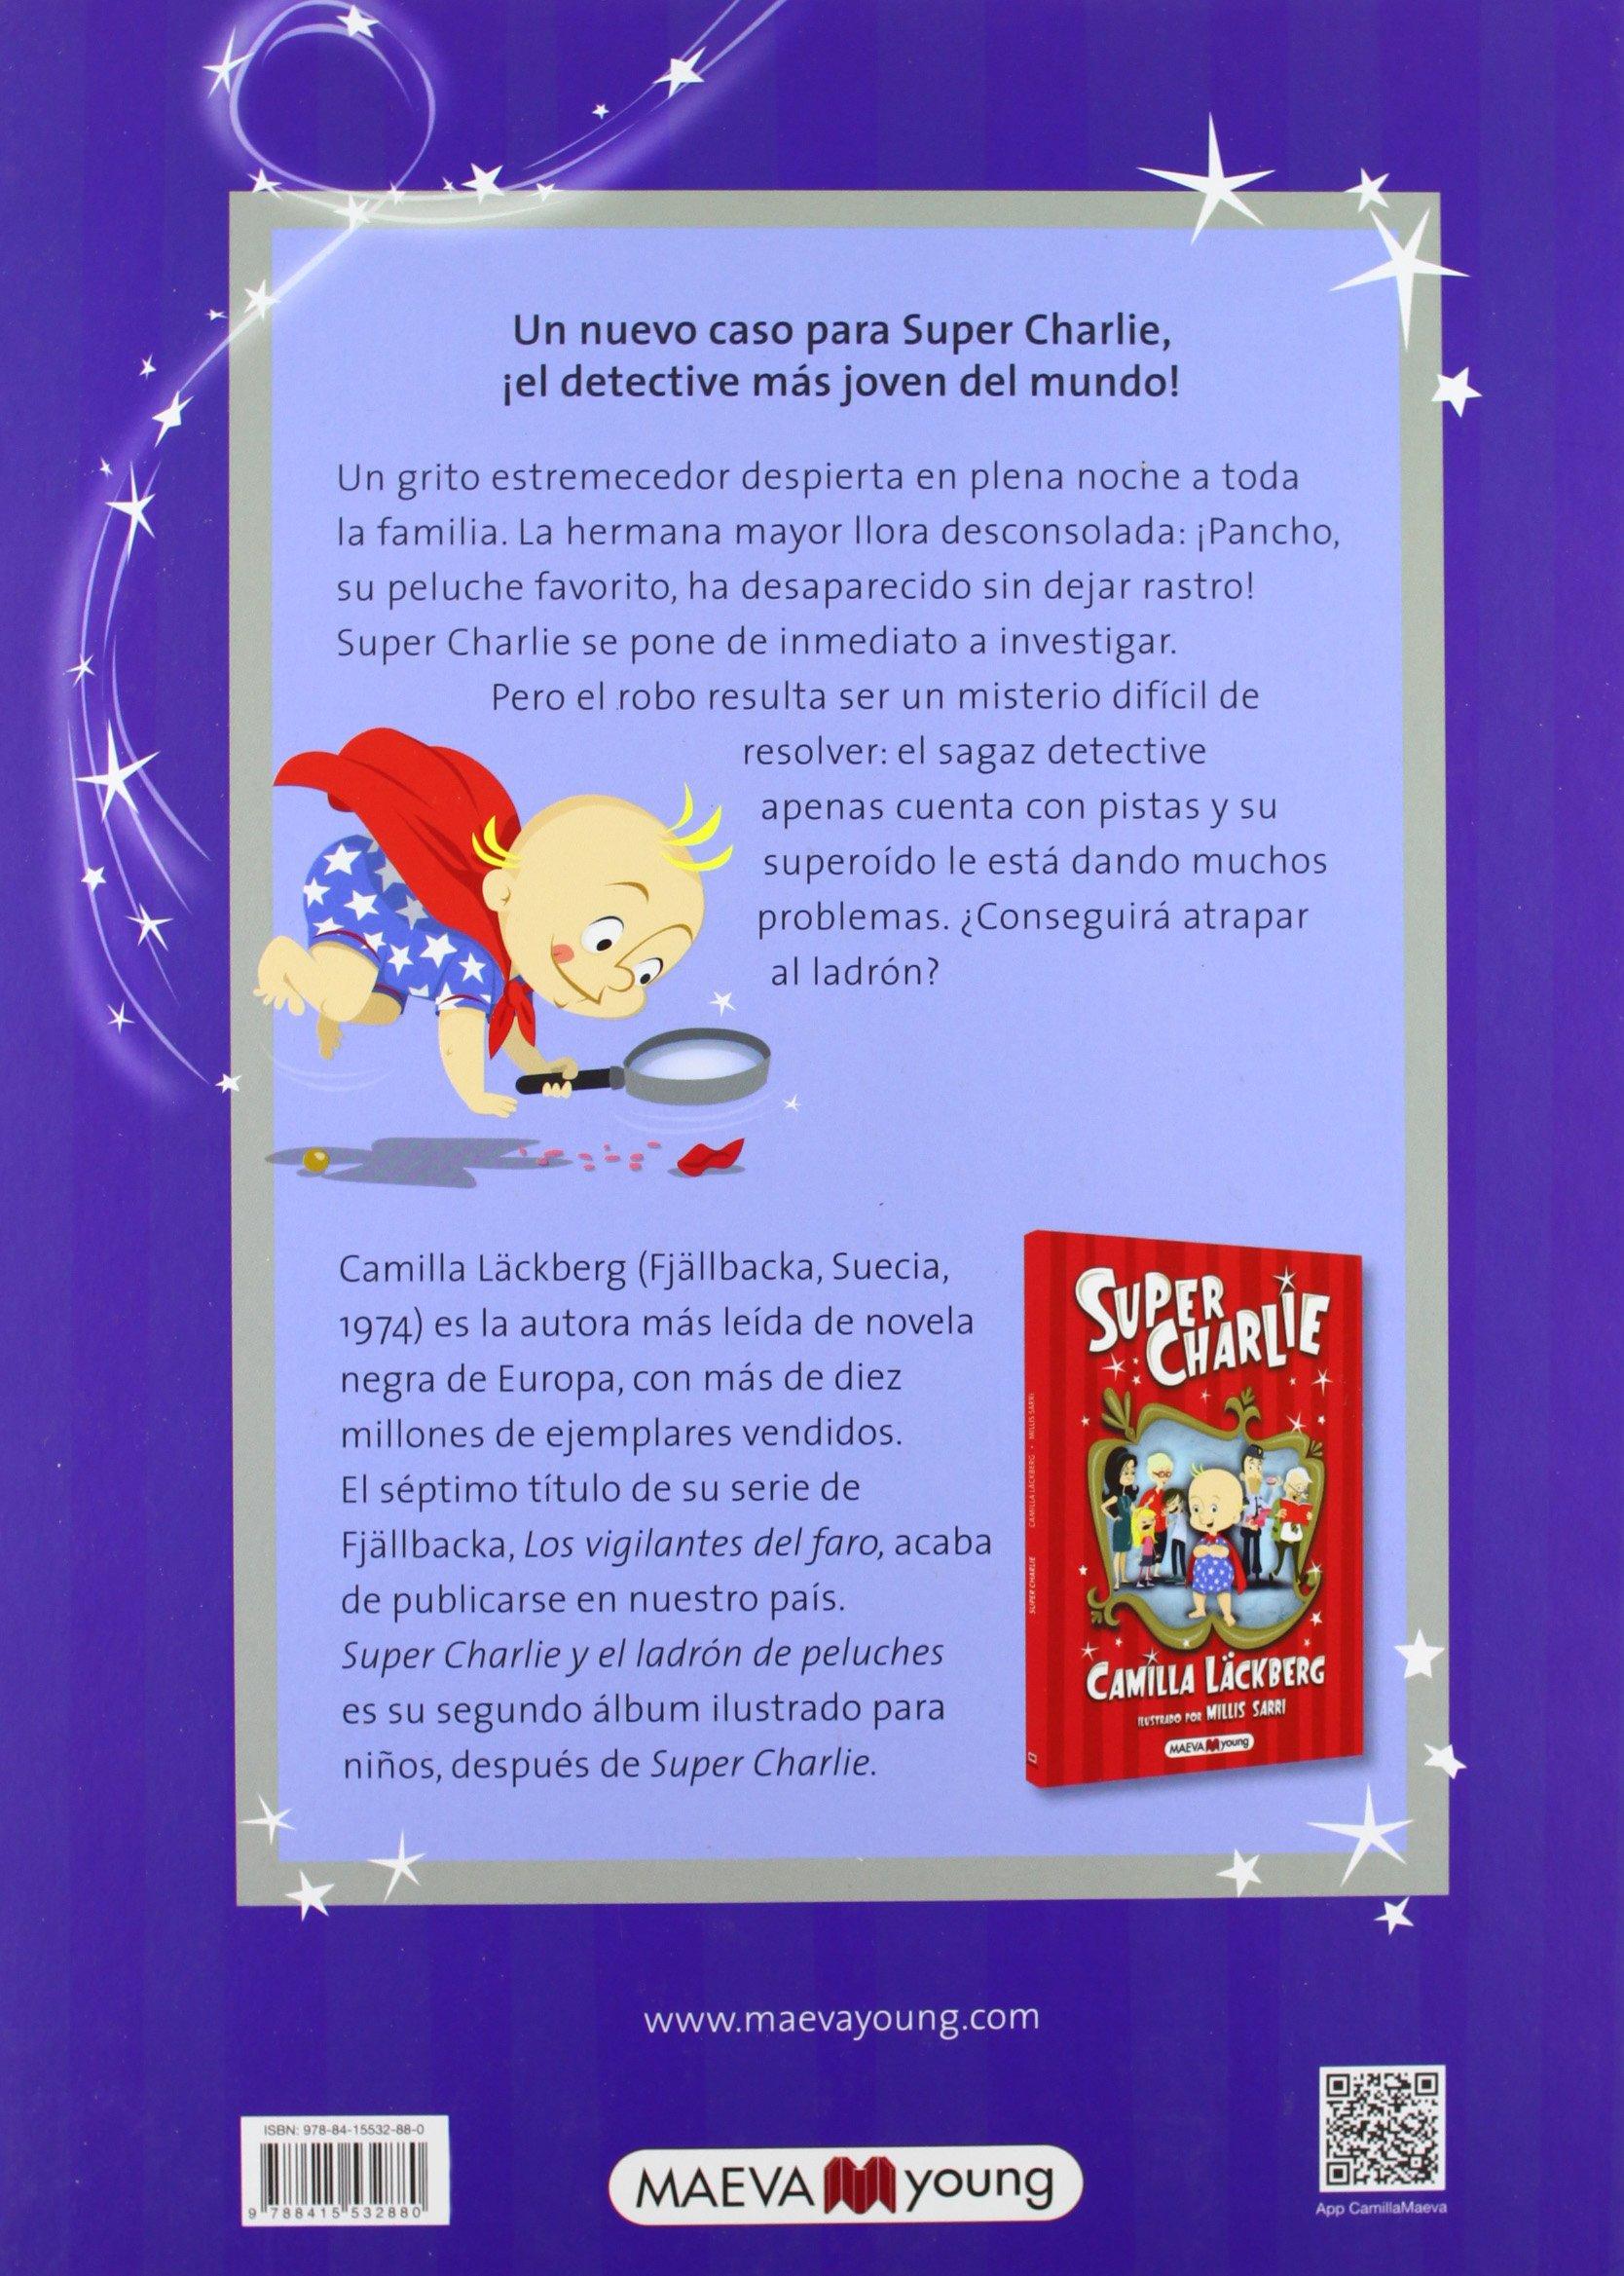 Super Charlie y el ladrón de peluches (Spanish Edition): Camilla Läckberg, Sarri, Millis: 9788415532880: Amazon.com: Books